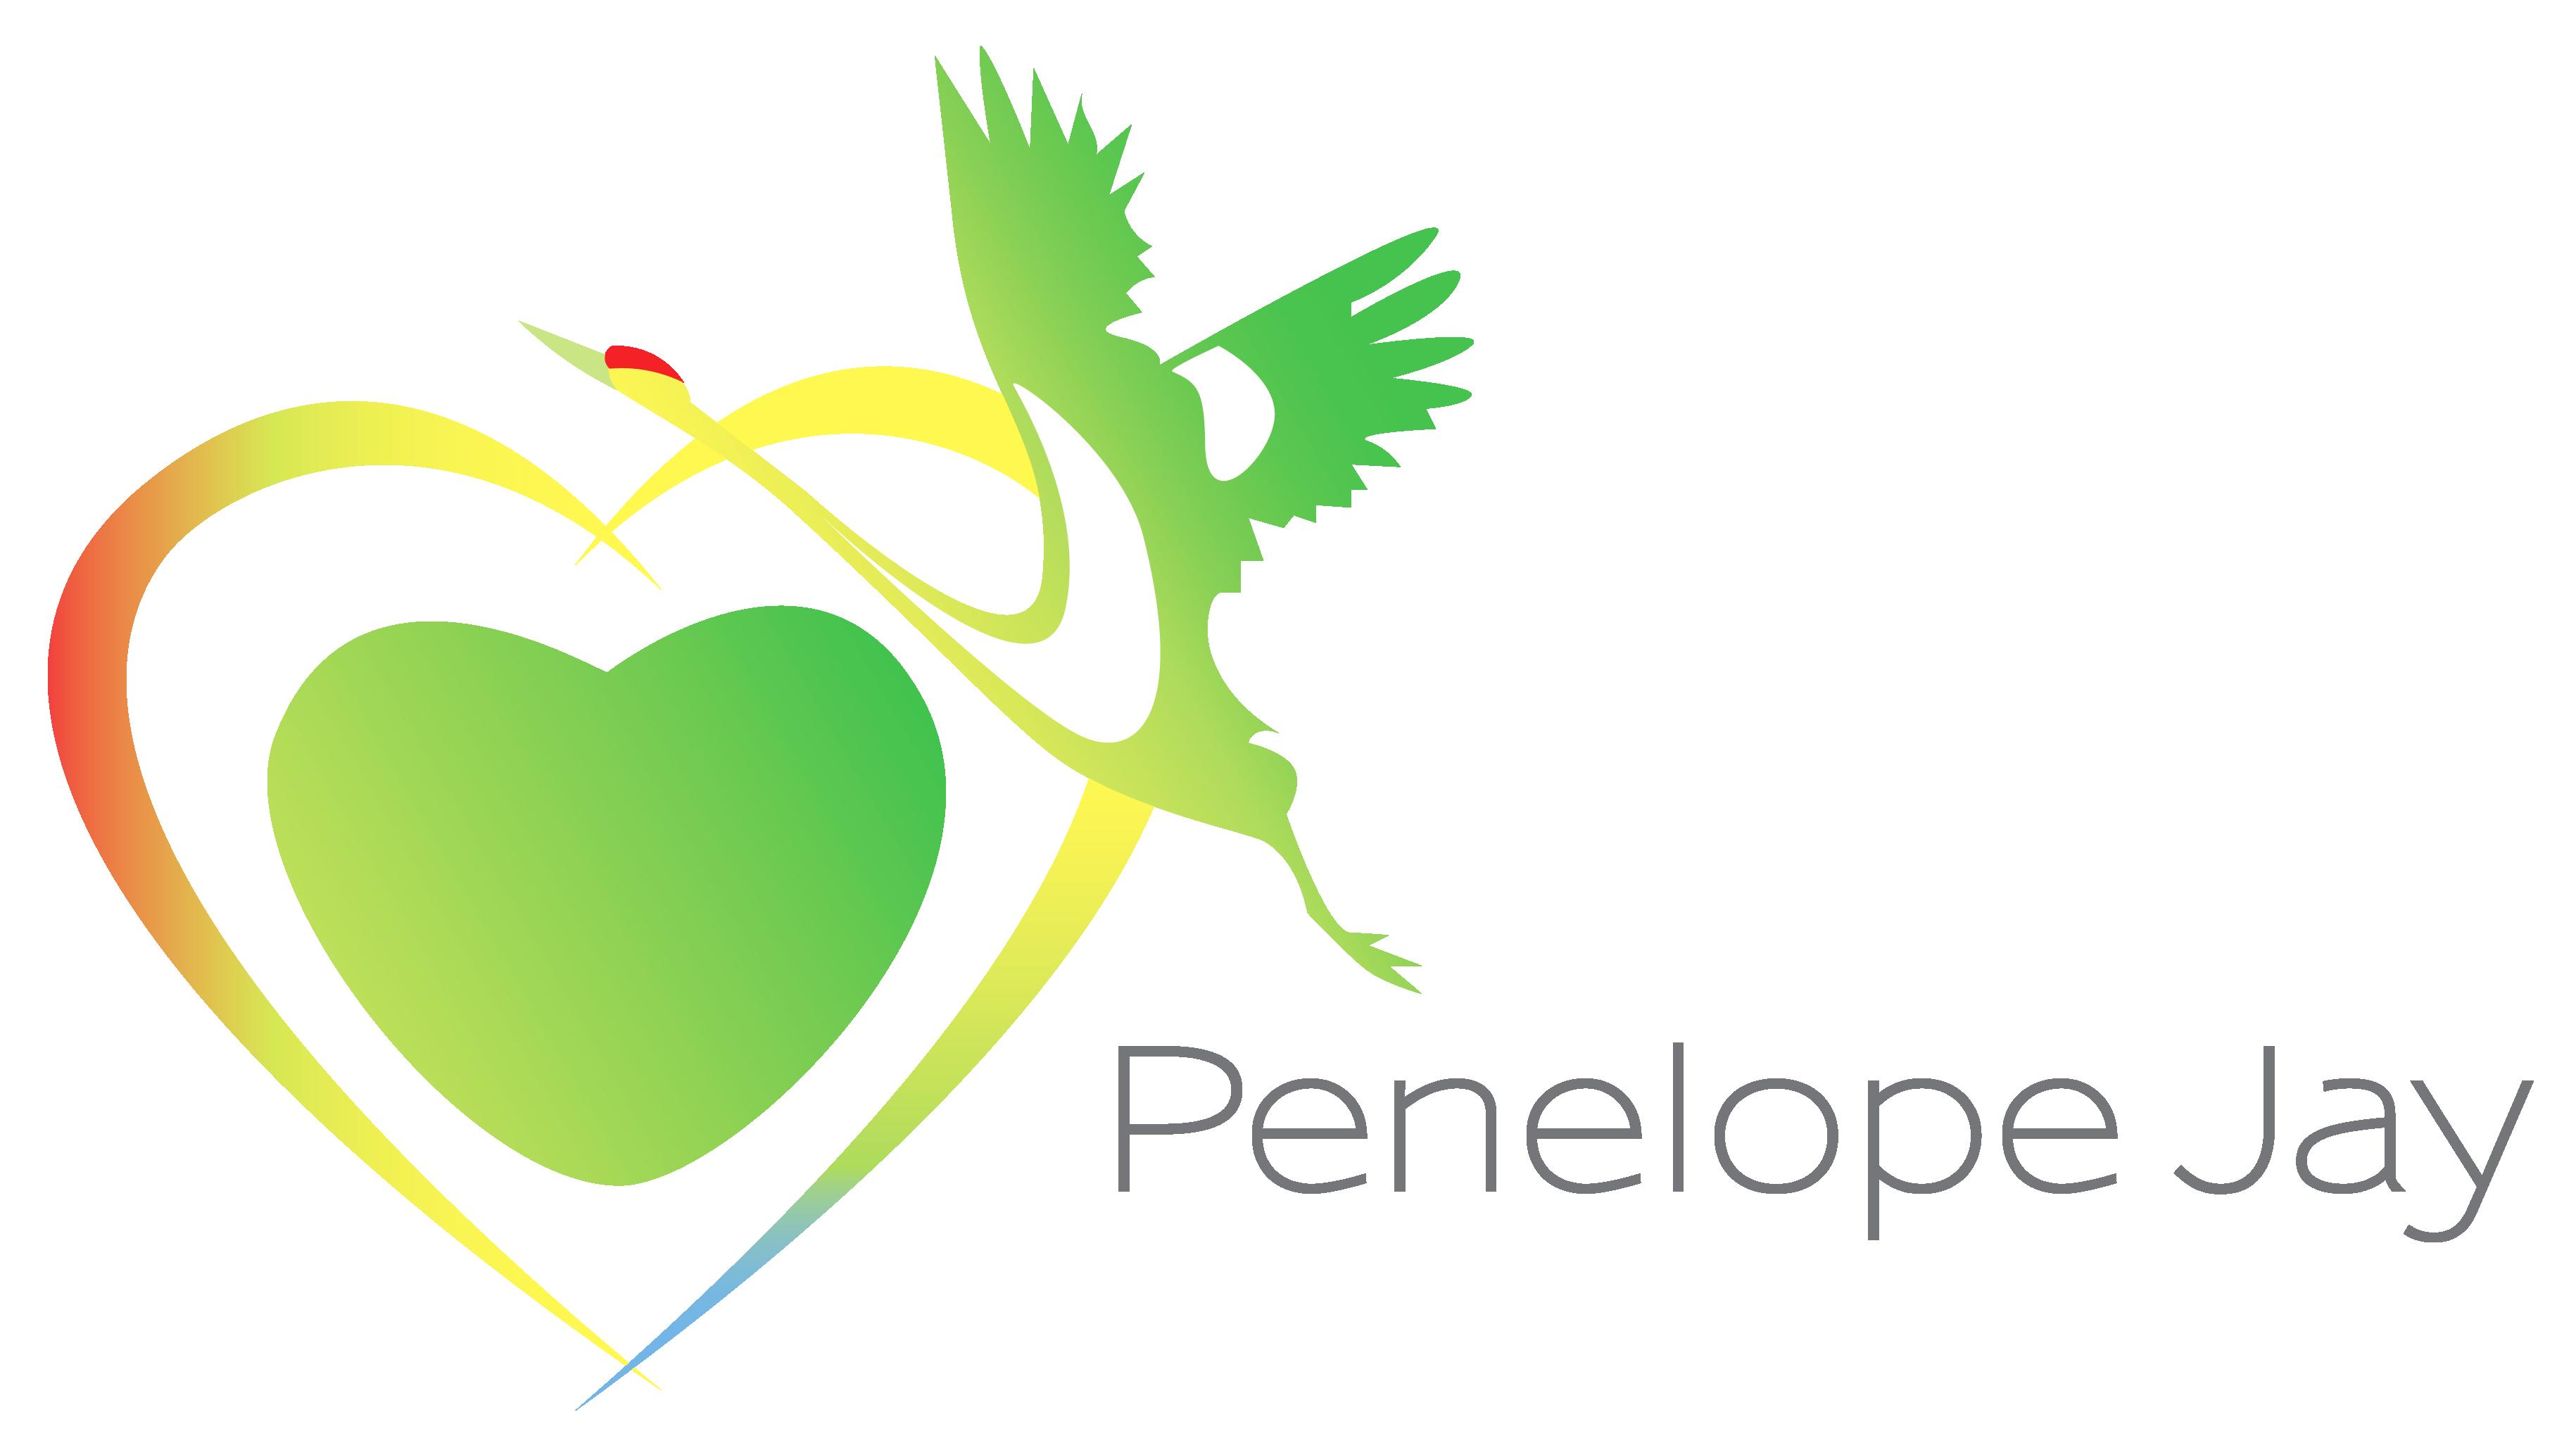 Penelope Jay